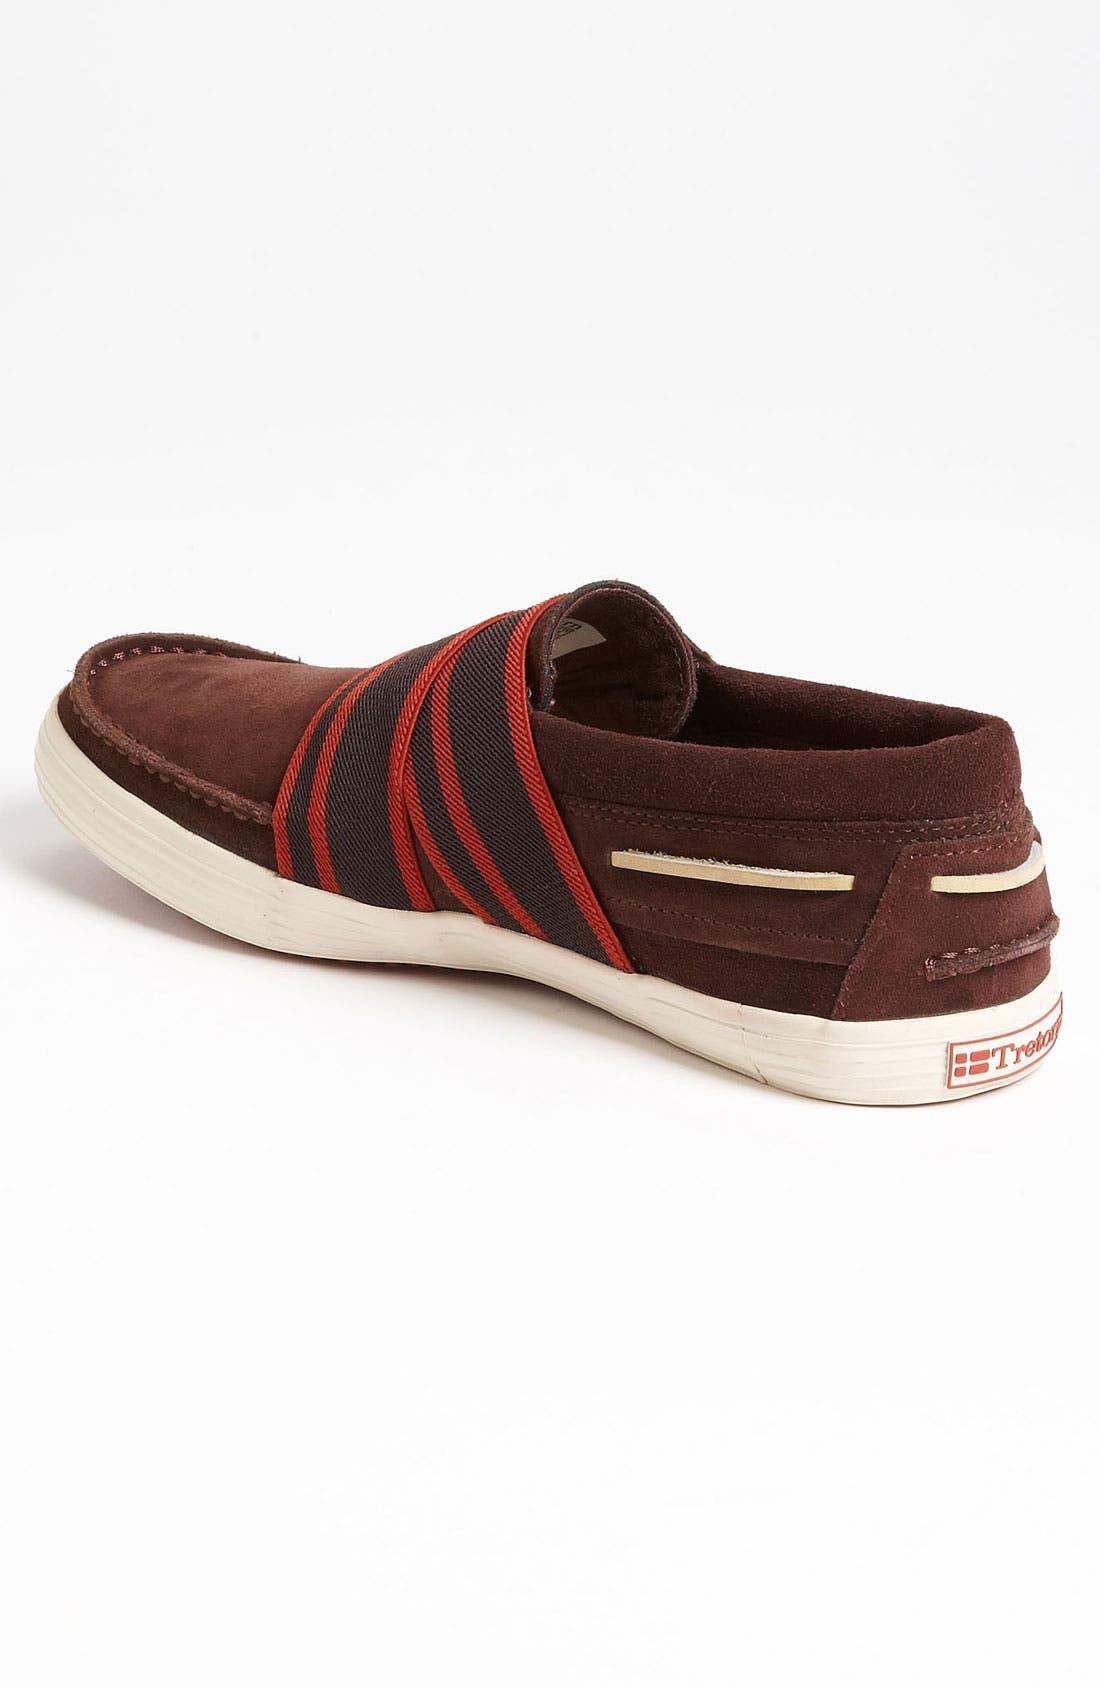 Alternate Image 2  - Tretorn 'Bligh' Sneaker